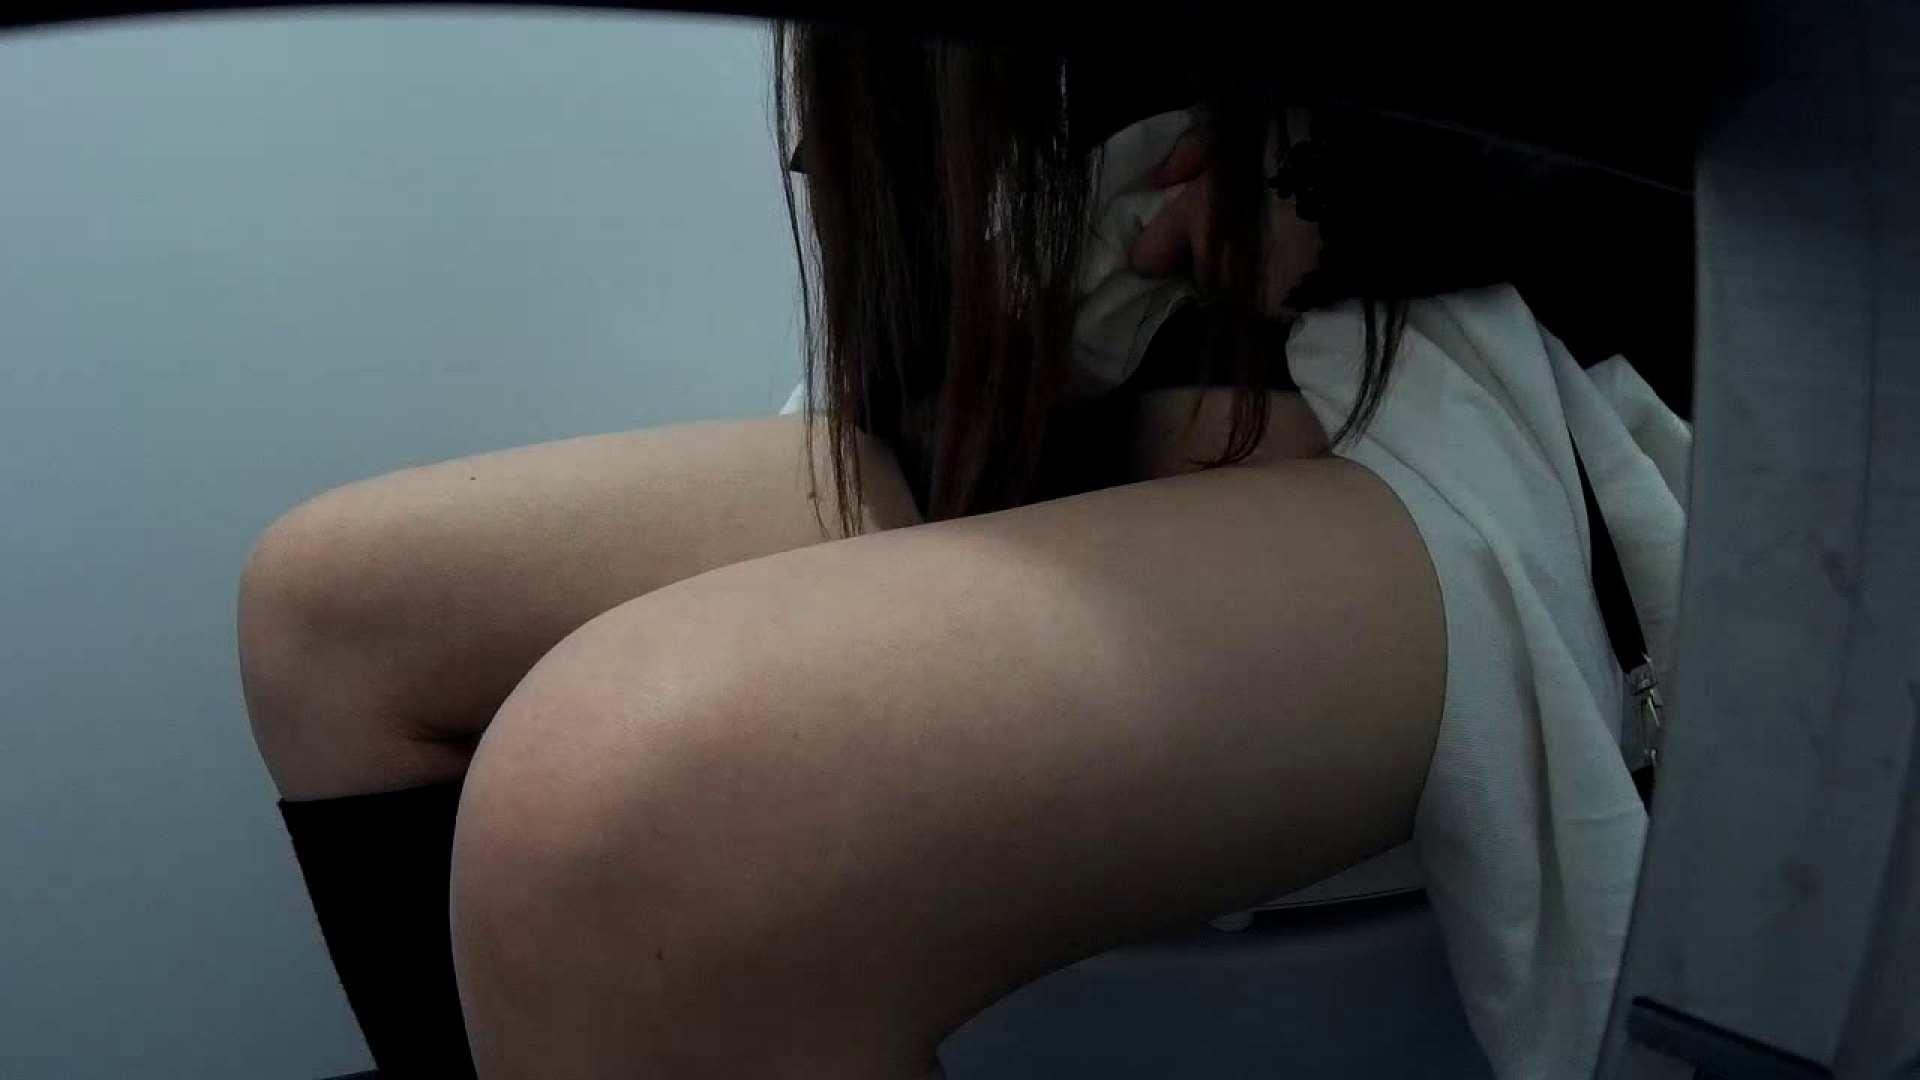 某有名大学女性洗面所 vol.34 今回は、2カメでばっちりいっちゃいました。 排泄 おまんこ動画流出 87枚 11